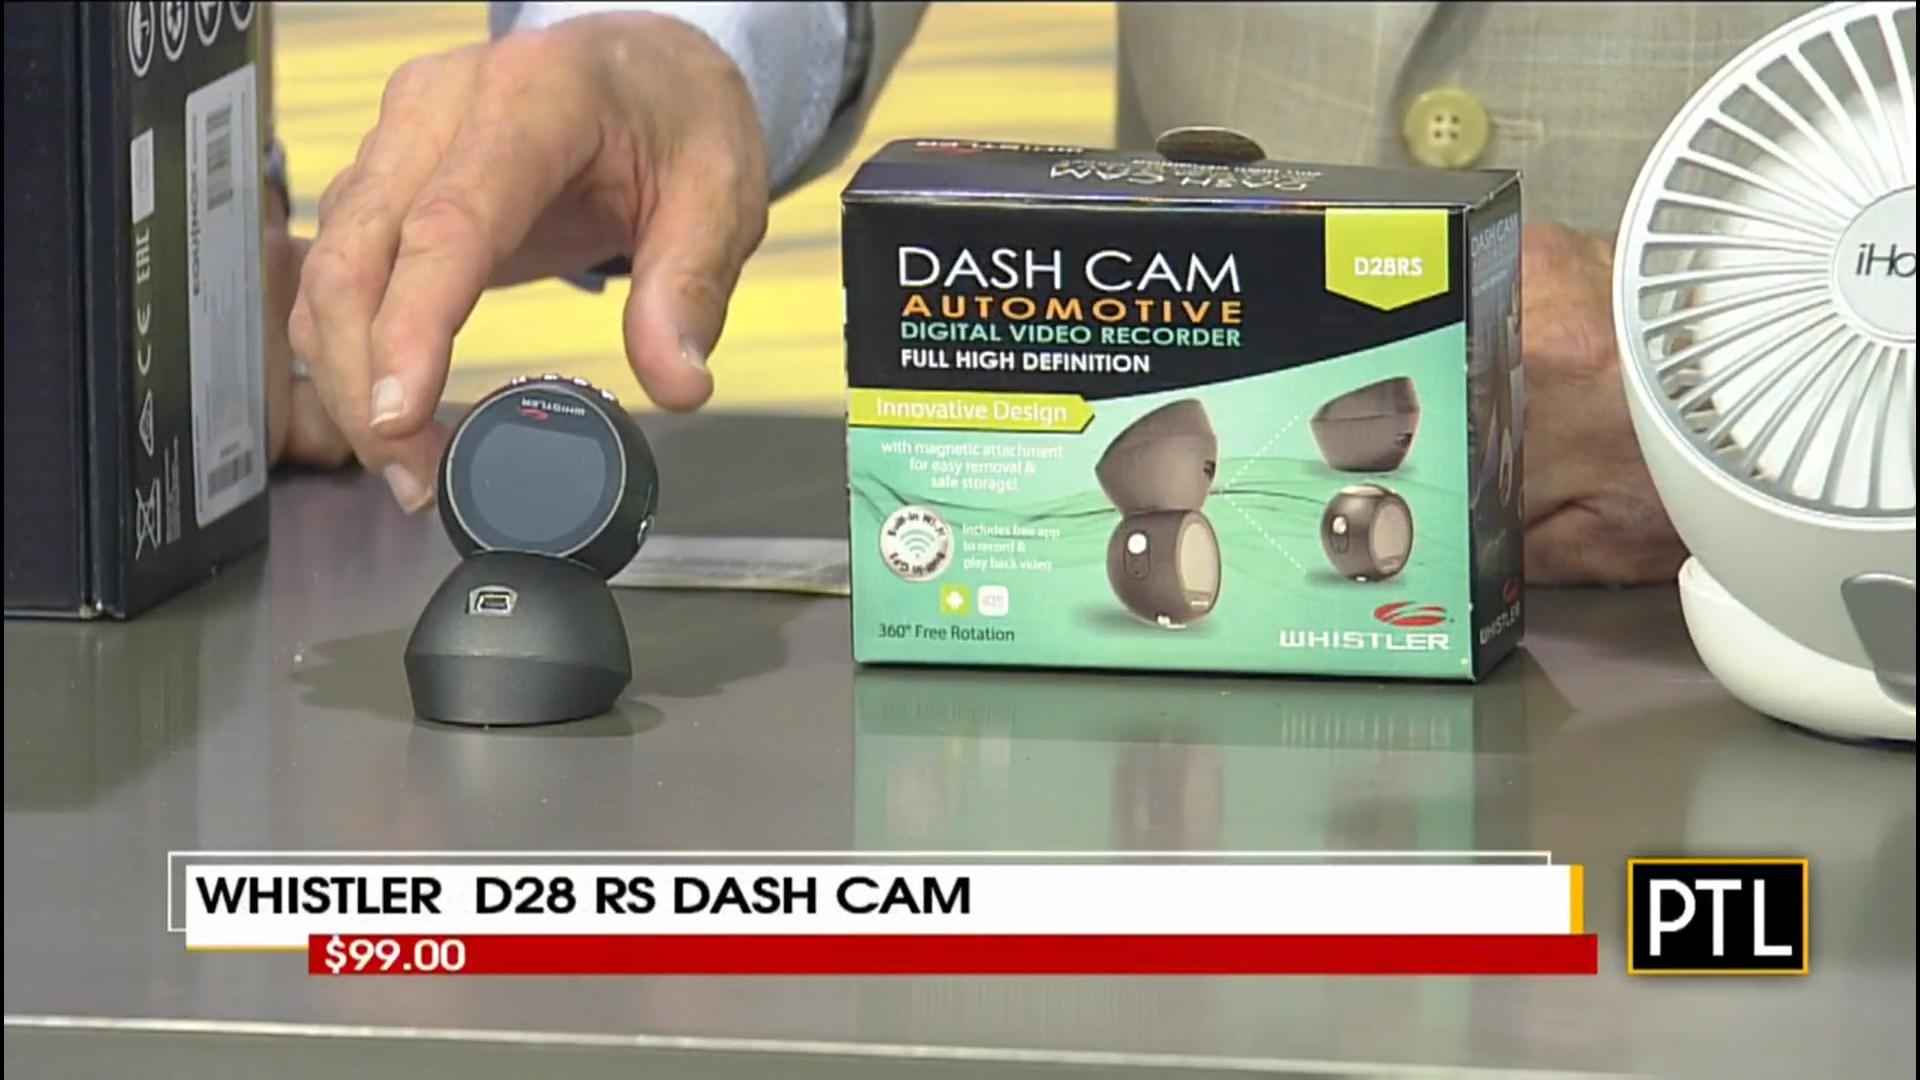 WHISTLER D28 RS DASH CAM - $99.00Shop Now